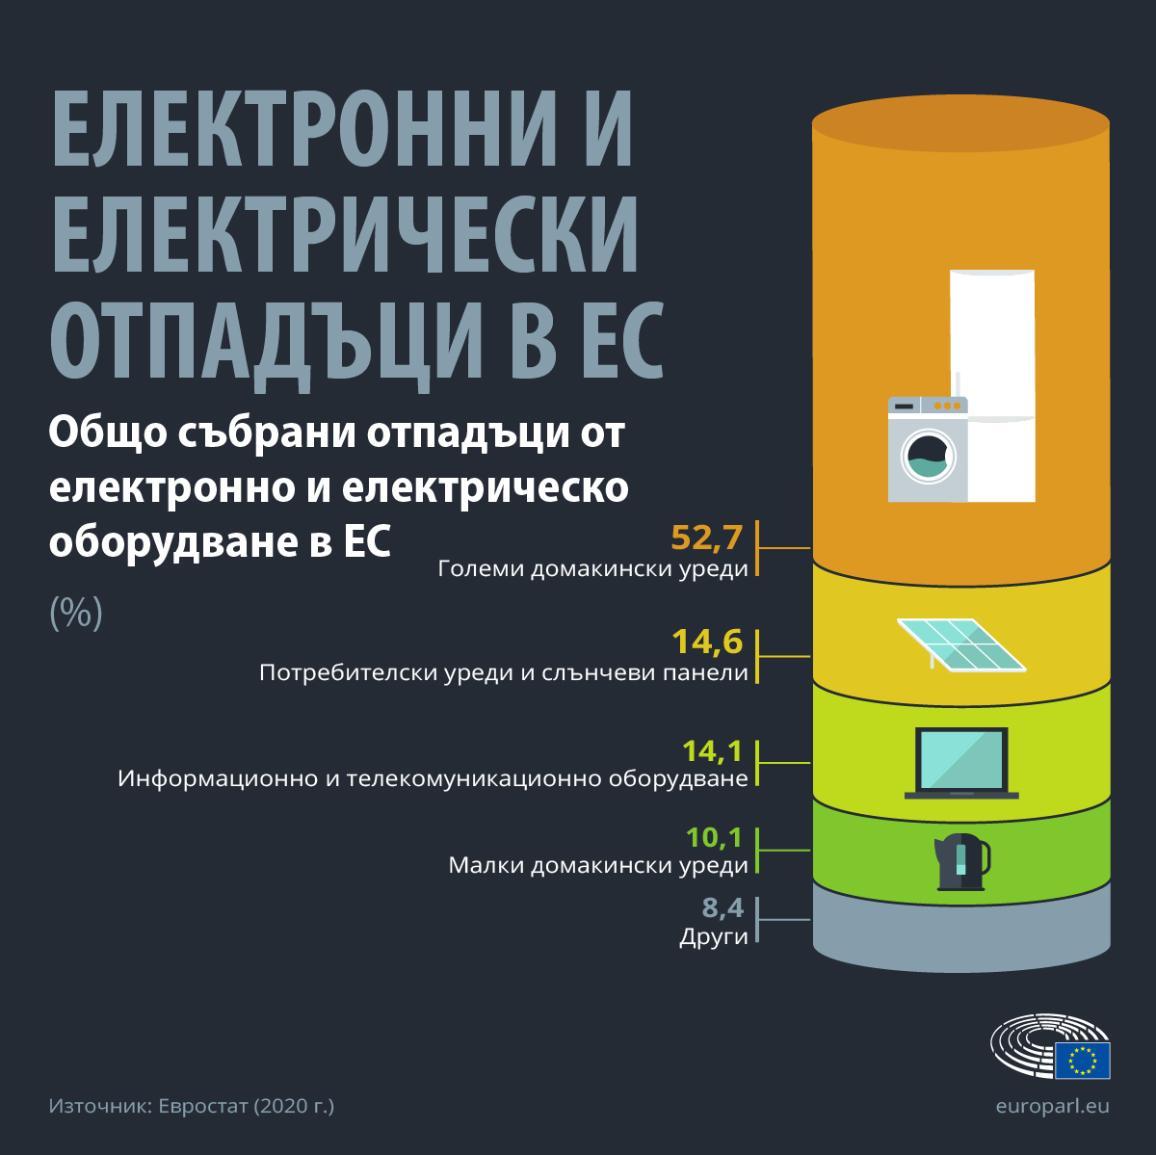 Инфографика, показваща процента на отпадъците от електрическо и електронно оборудване по видове уреди в ЕС